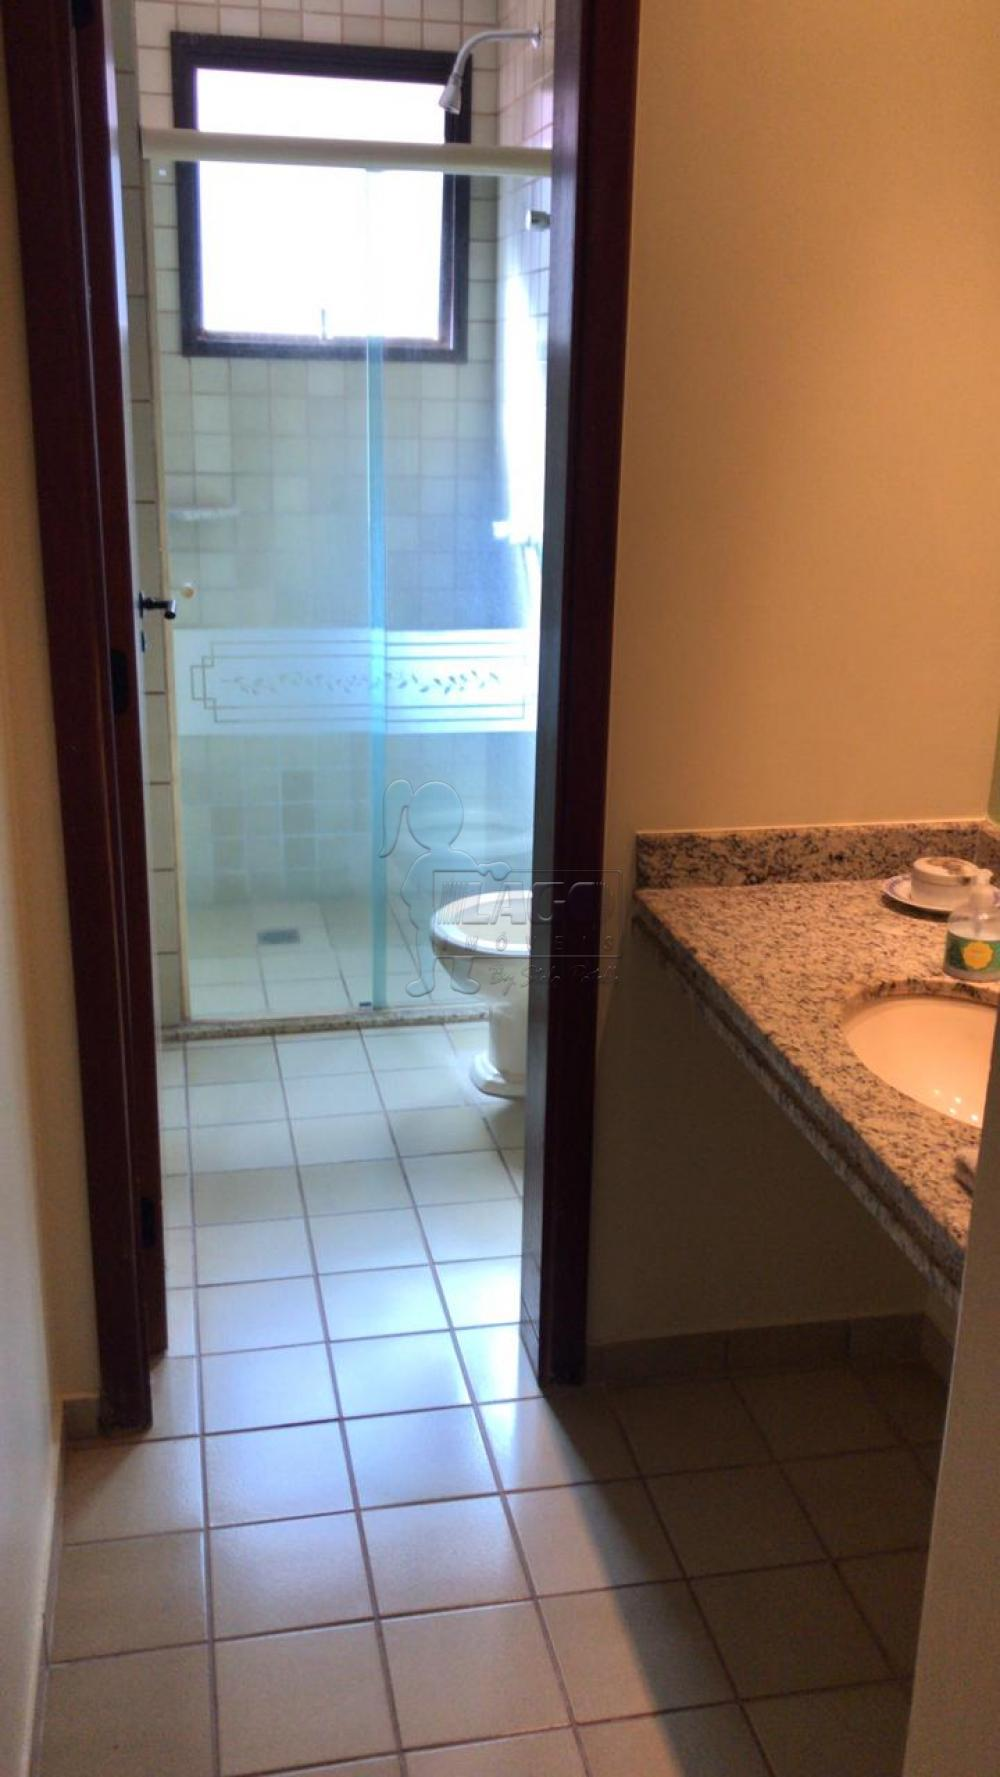 Comprar Apartamento / Padrão em Ribeirão Preto R$ 640.000,00 - Foto 3